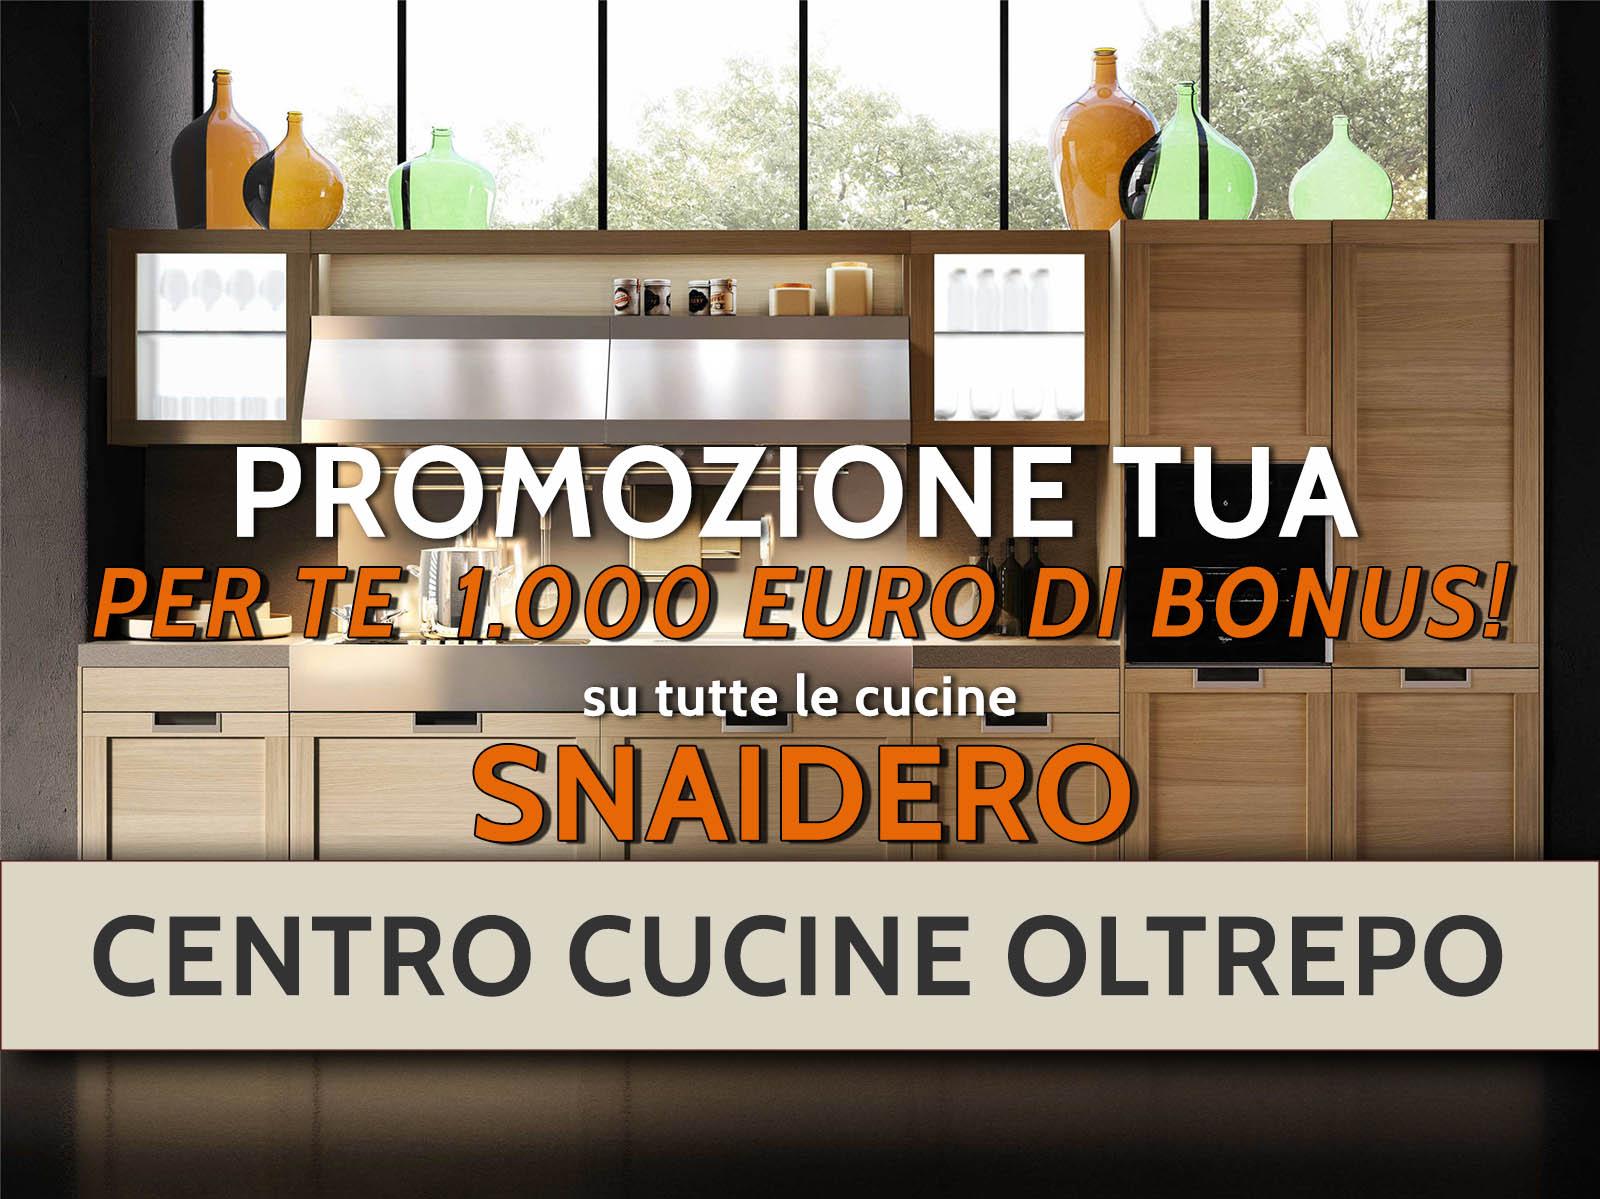 Promozione snaidero centro cucine oltrepo centro cucine - Cucine a 1000 euro ...